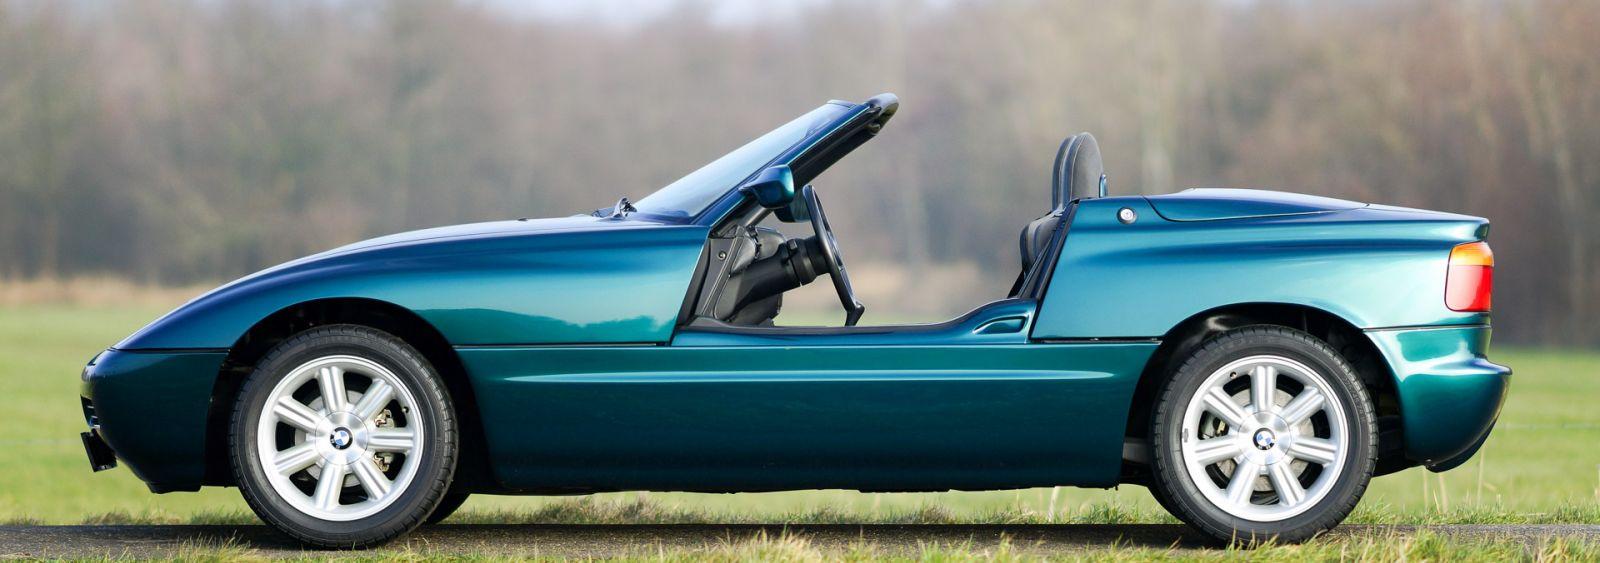 BMW Z1 1989 - 1991 Roadster #2